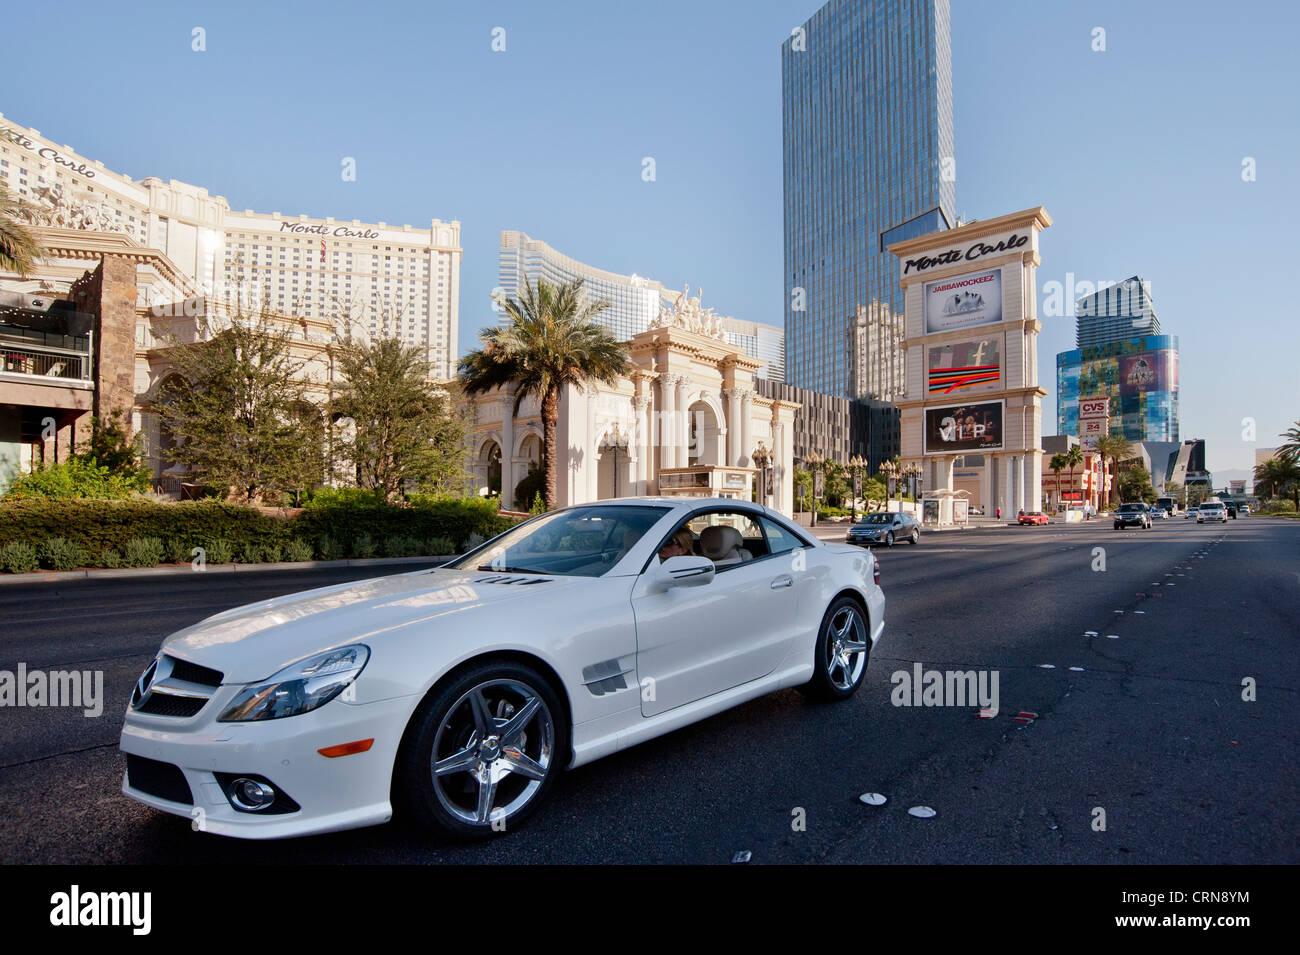 Mercedes Benz Carro Desportivo Na Frente De Monte Carlo Hotel Em Las Vegas  Boulevard, Nevada, ESTADOS UNIDOS DA AMÉRICA